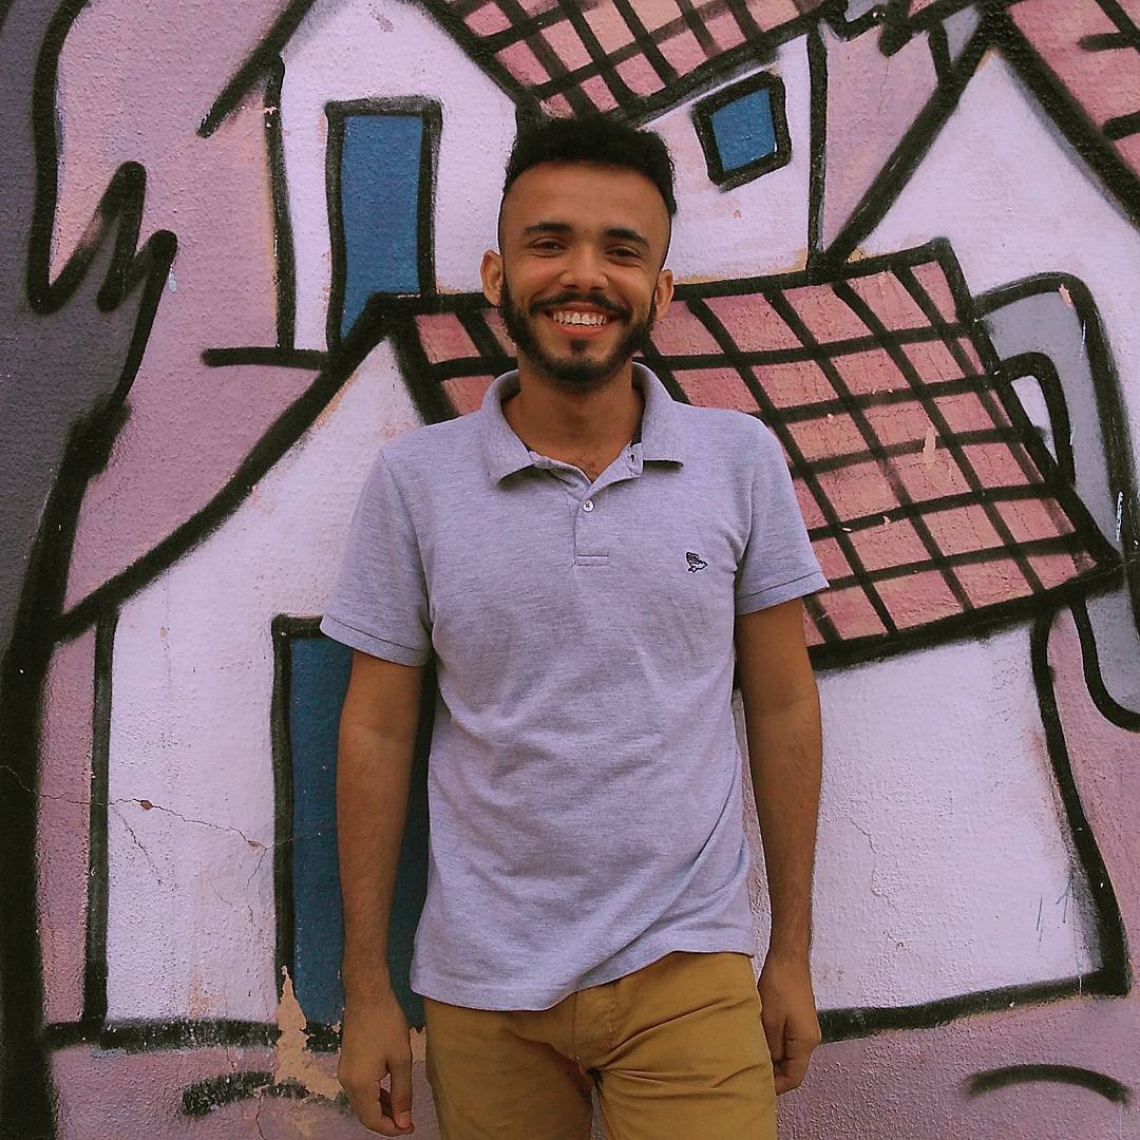 Ítalo Cosme é estudante de Jornalismo da Universidade Federal do Ceará e estagiário do O POVO Online. Em 2001, ele tinha 6 anos de idade